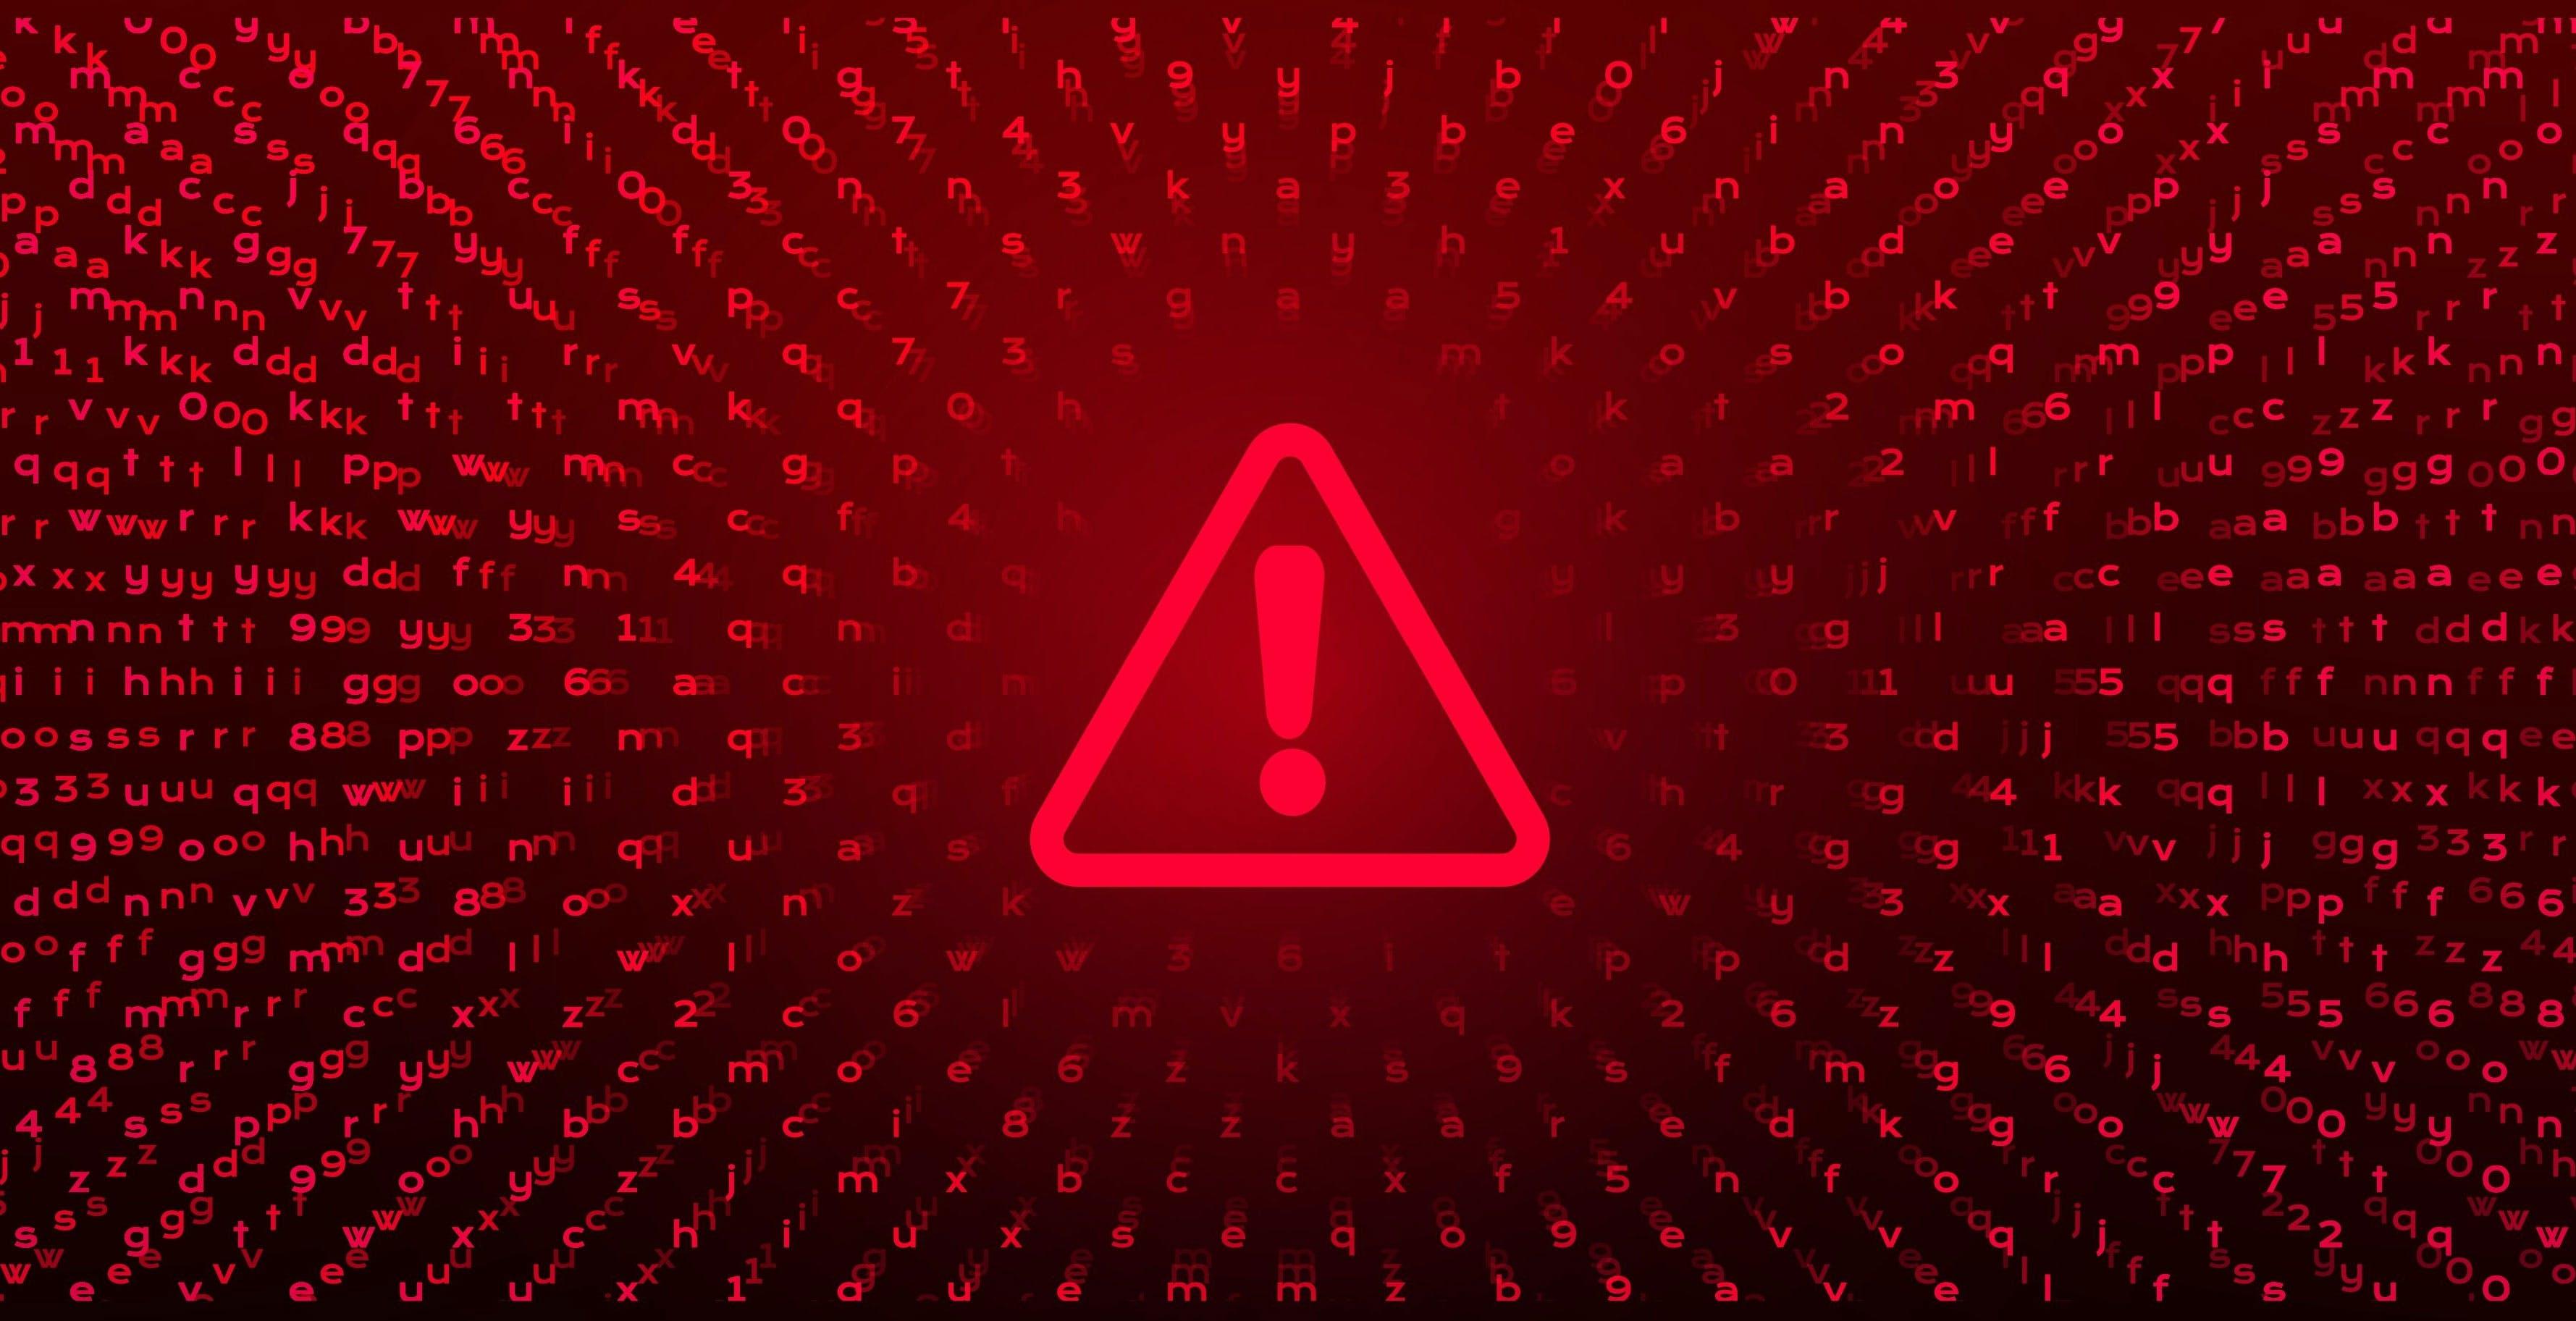 Ransomware, un minaccia per la sicurezza nazionale. Cosa sta facendo l'Italia contro i cybercriminali